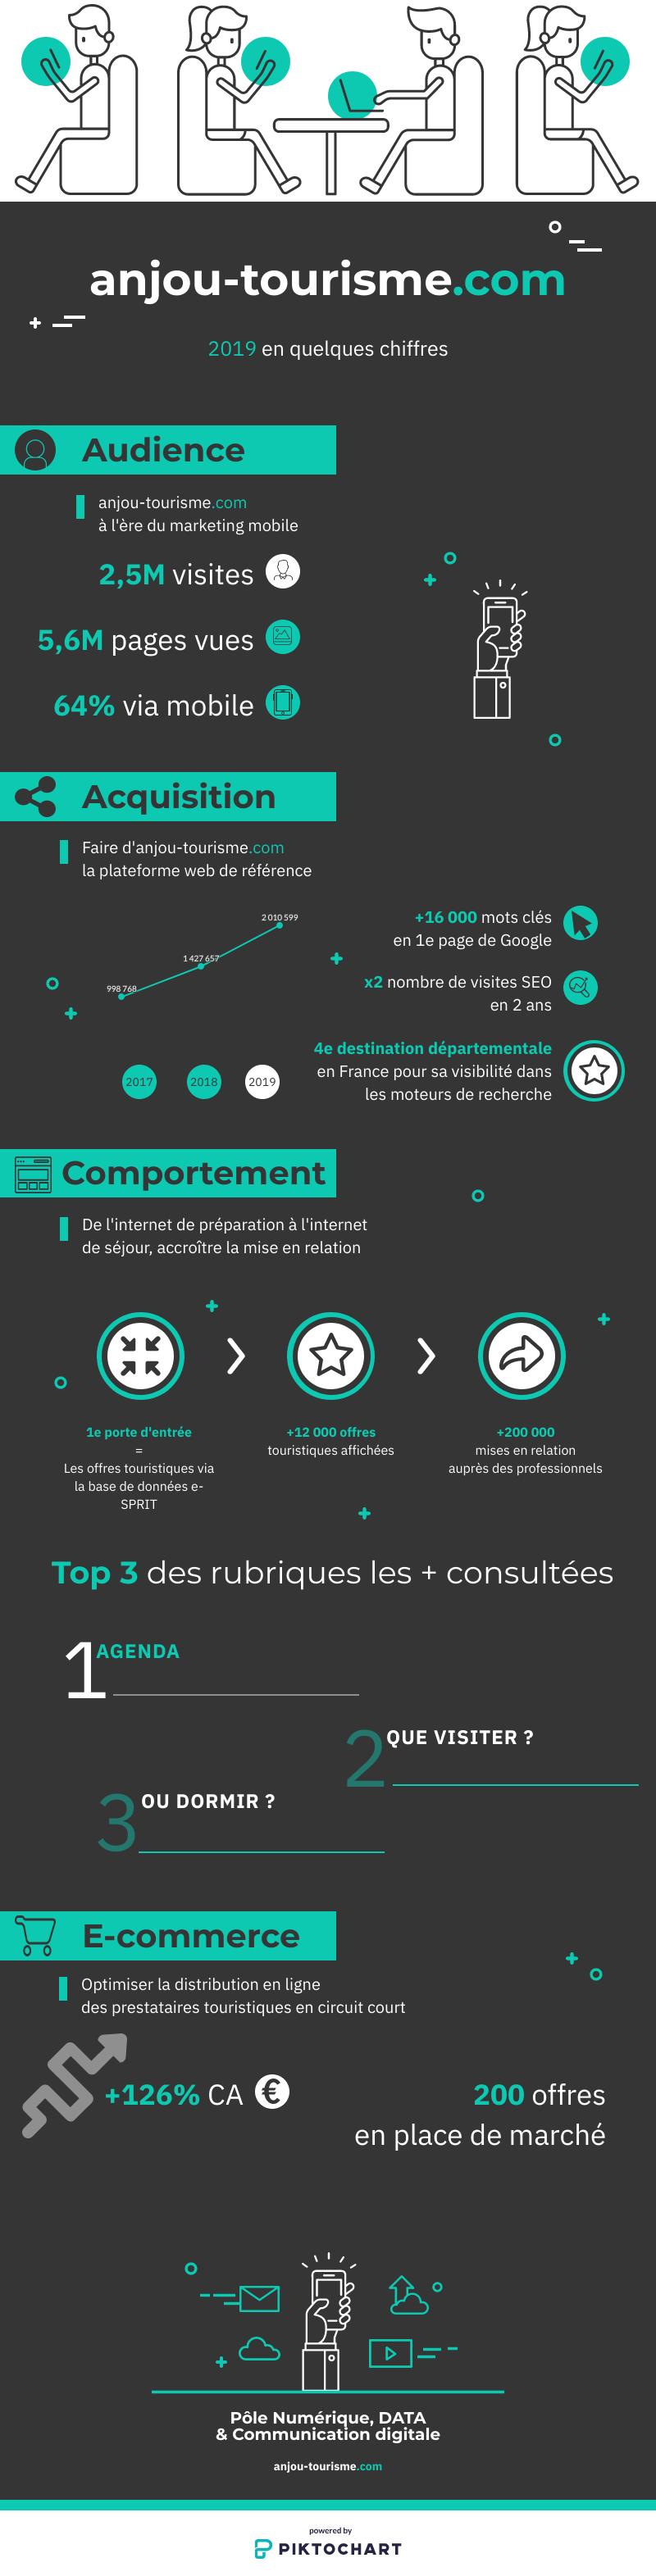 Infographie Anjou tourisme